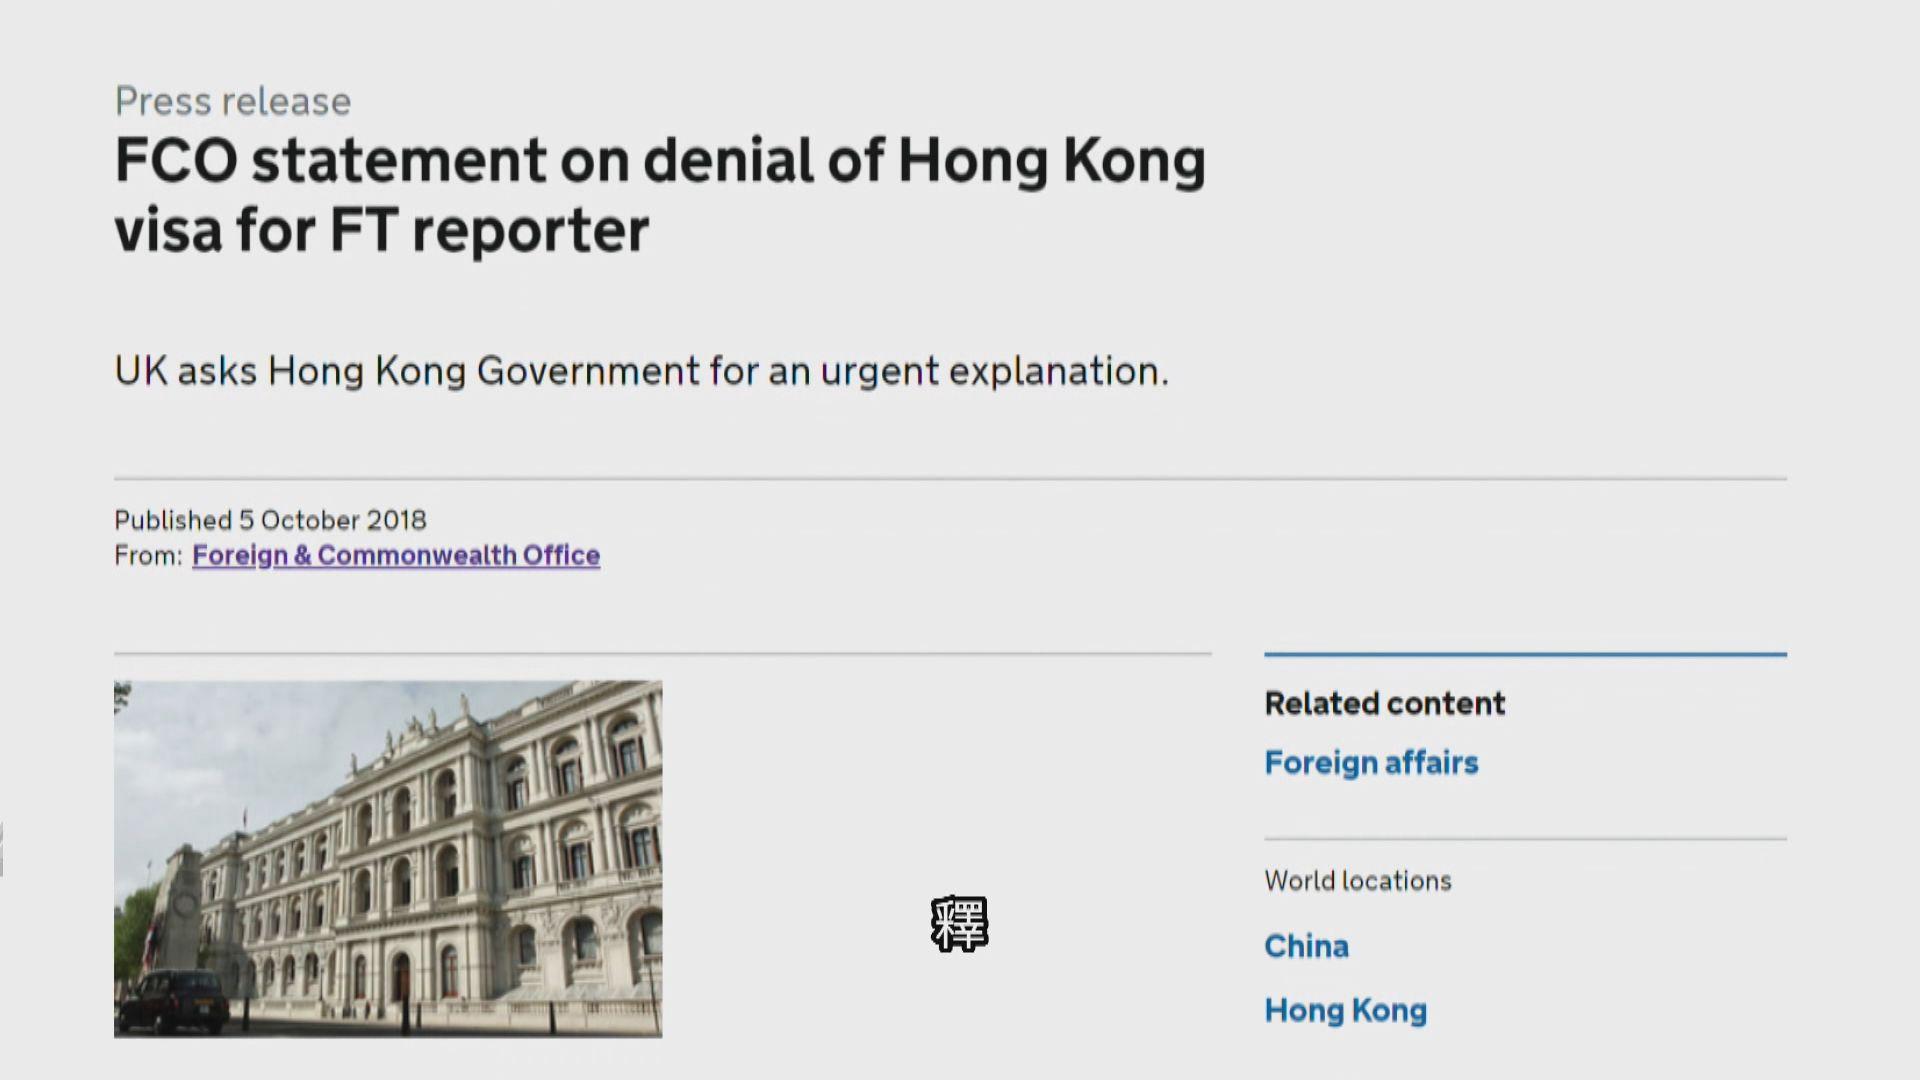 英國促港府就馬凱被拒續證作緊急解釋